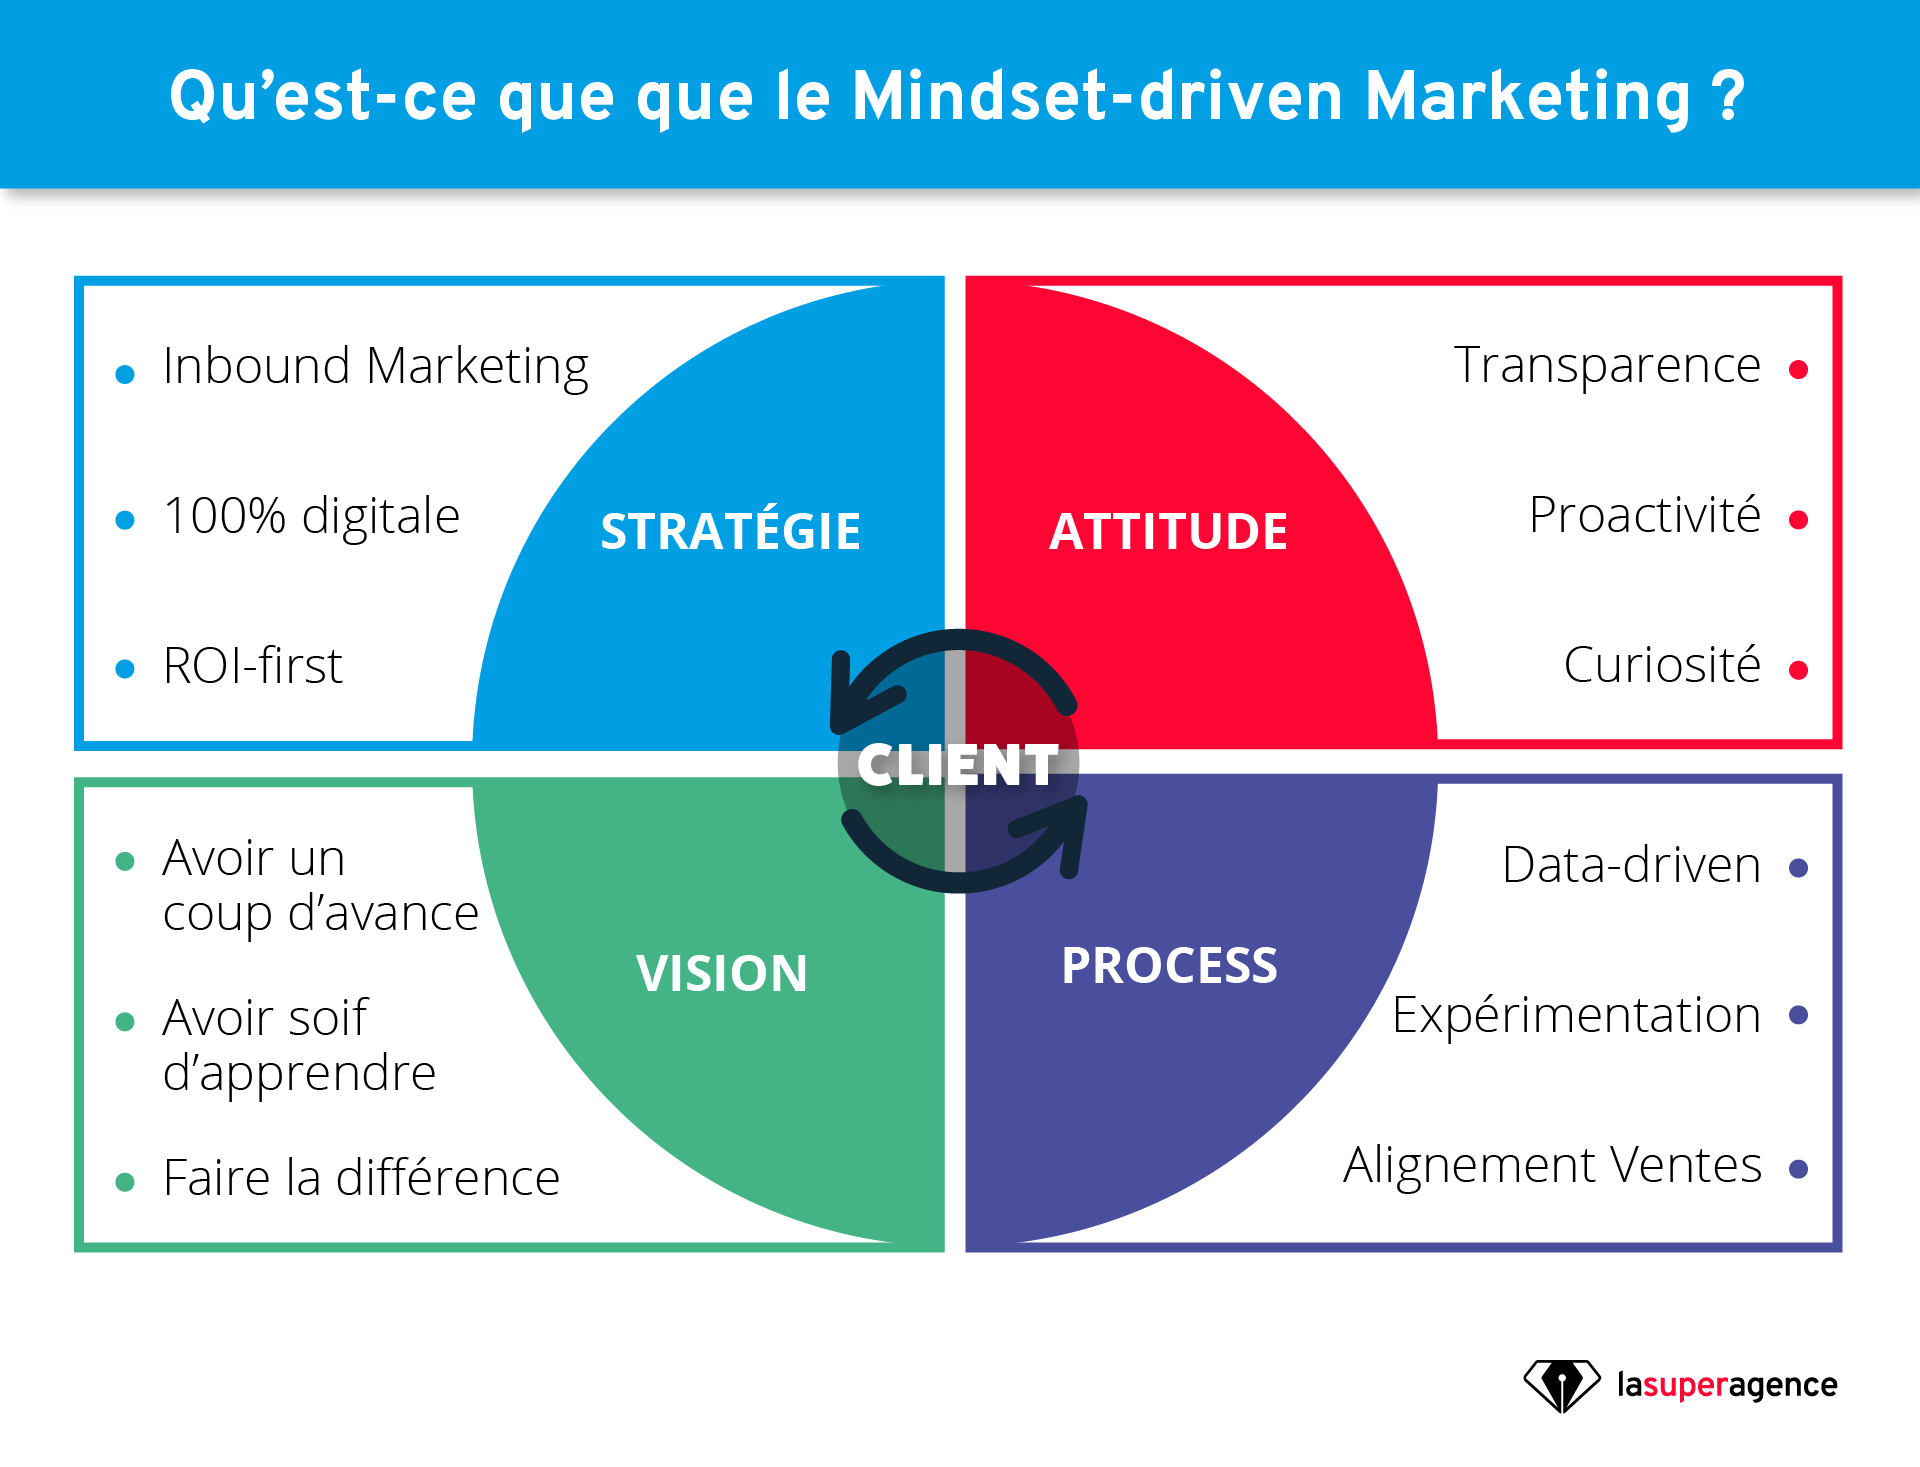 Qu'est-ce que le mindset-driven marketing ?